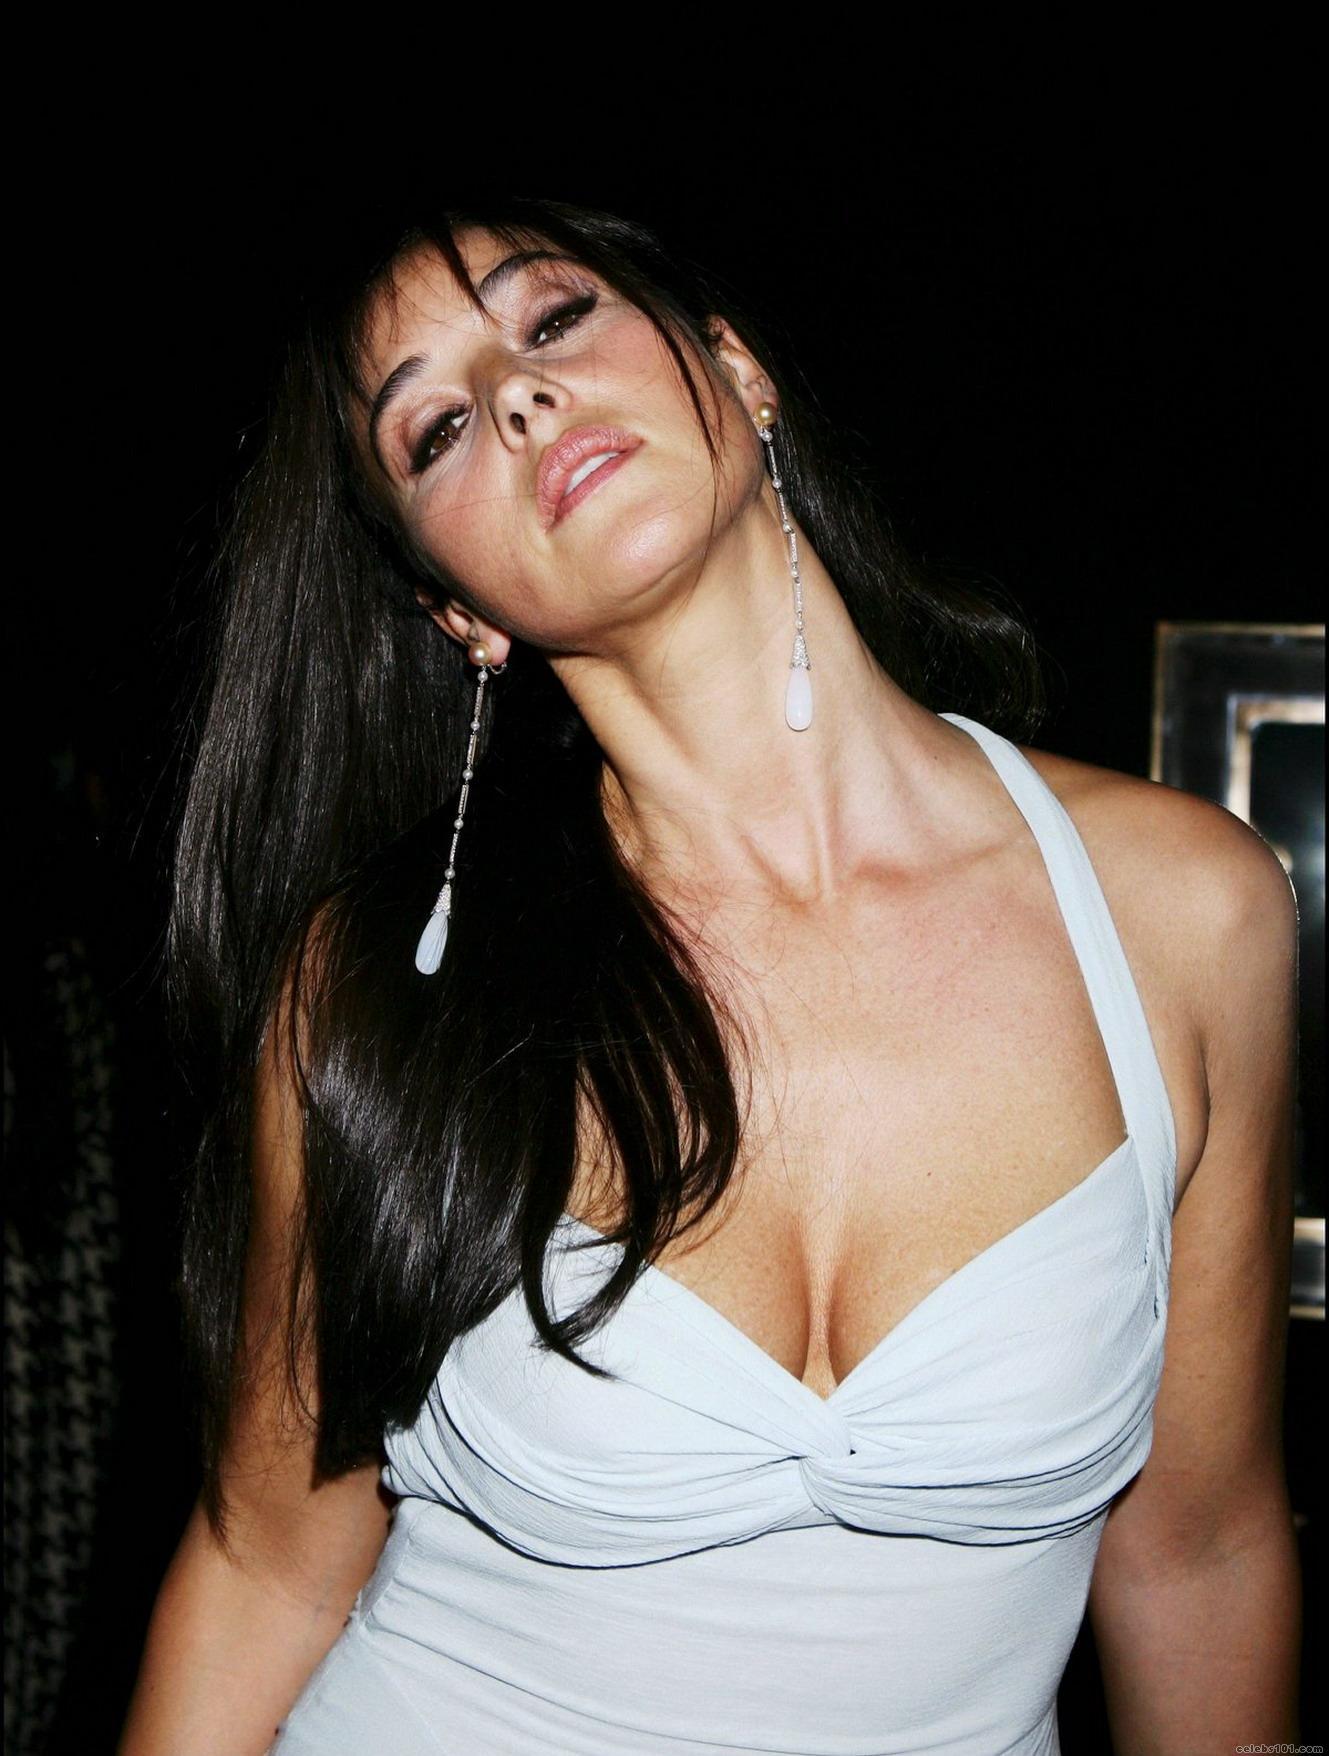 Anne hathaway follando en topless en secreto en la montana - 1 2